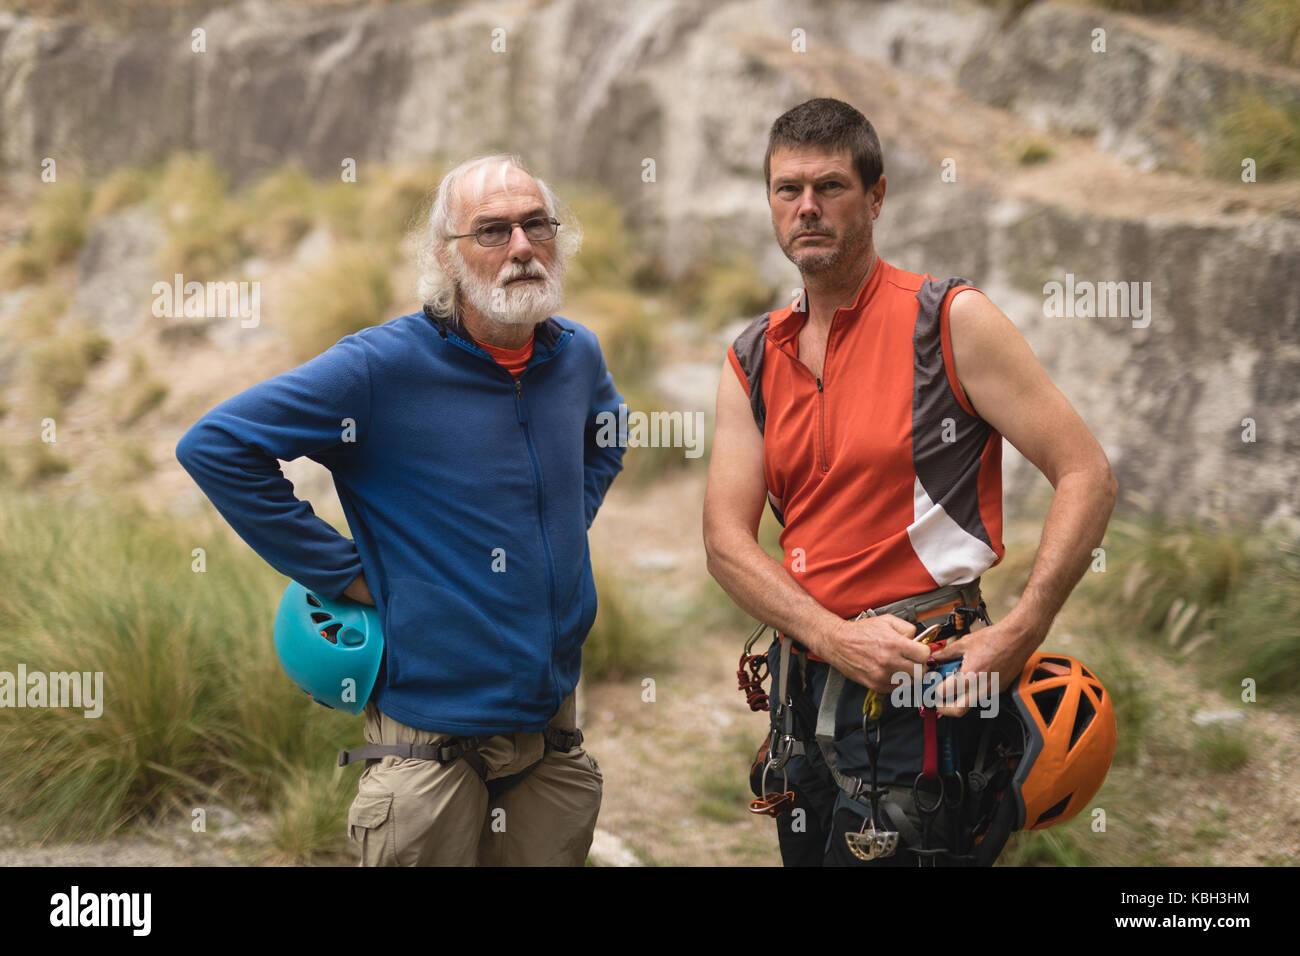 Ritratto di certi amici preparando per alpinismo Immagini Stock